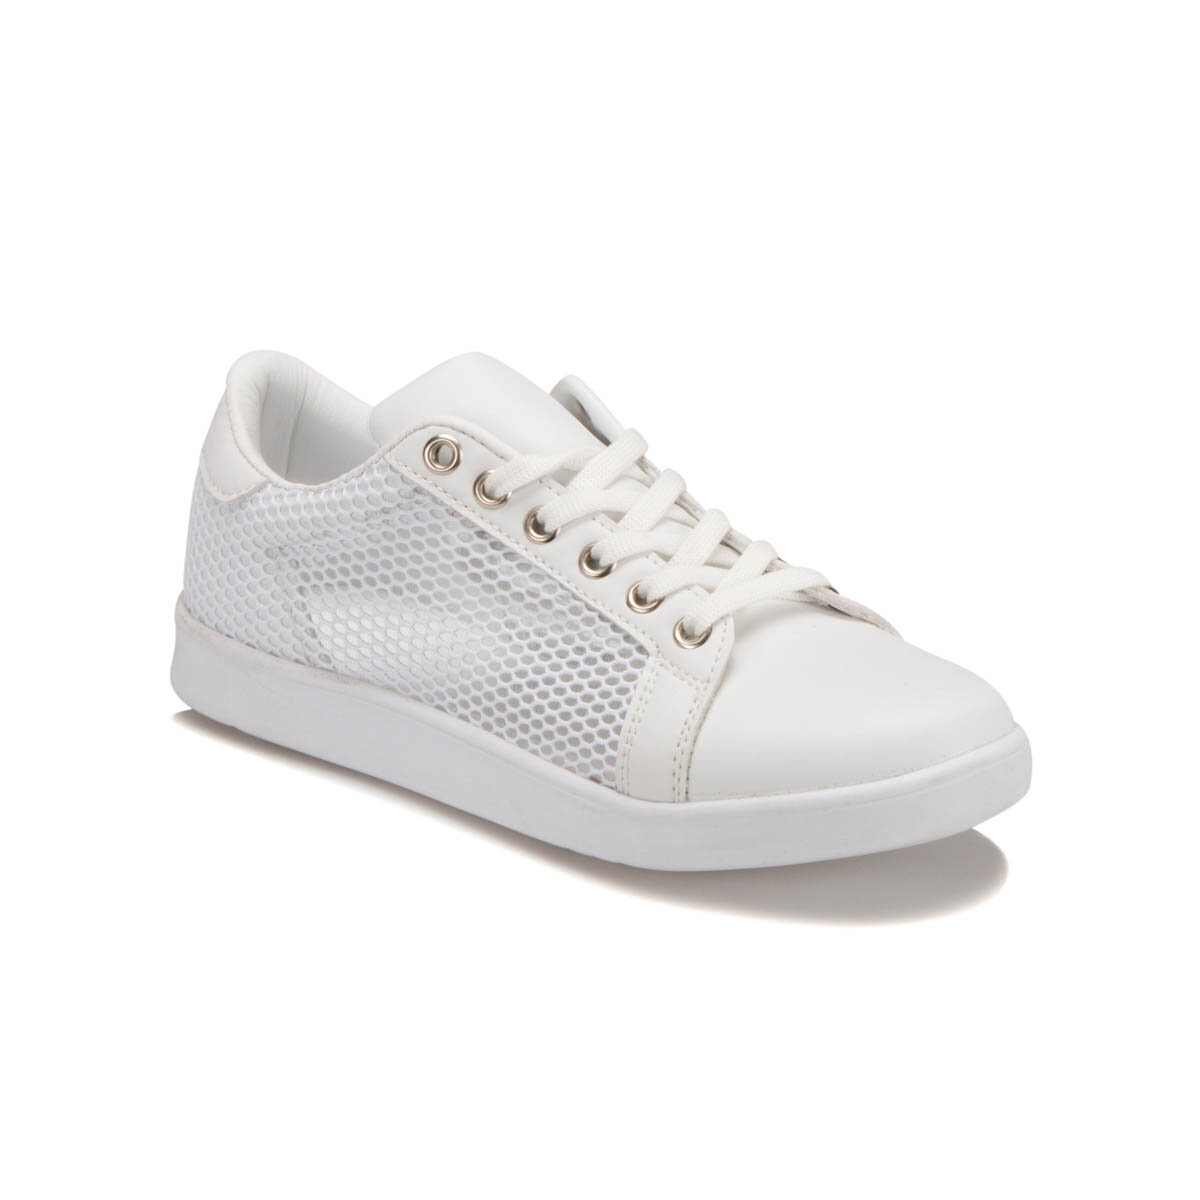 FLO N9002 White Women 'S Sneaker Shoes Art Bella